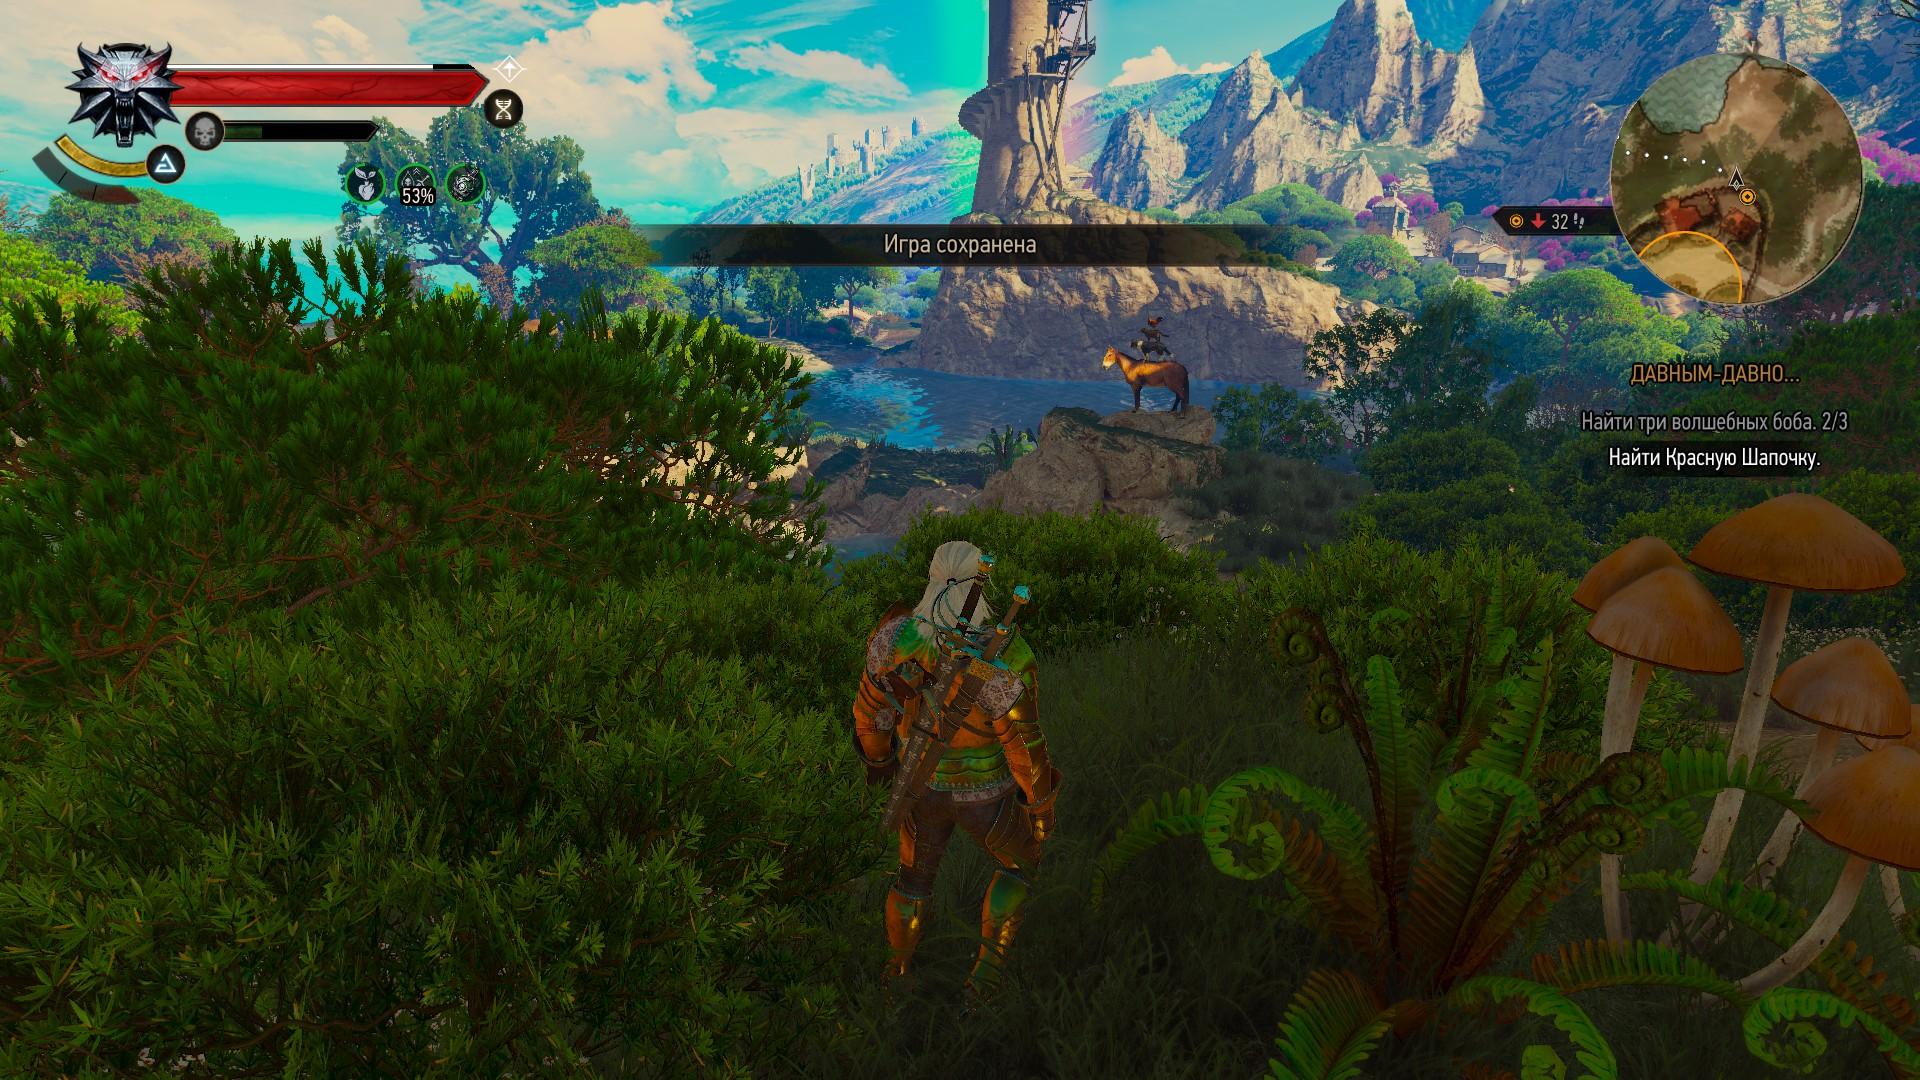 20170607215013_1.jpg - Witcher 3: Wild Hunt, the